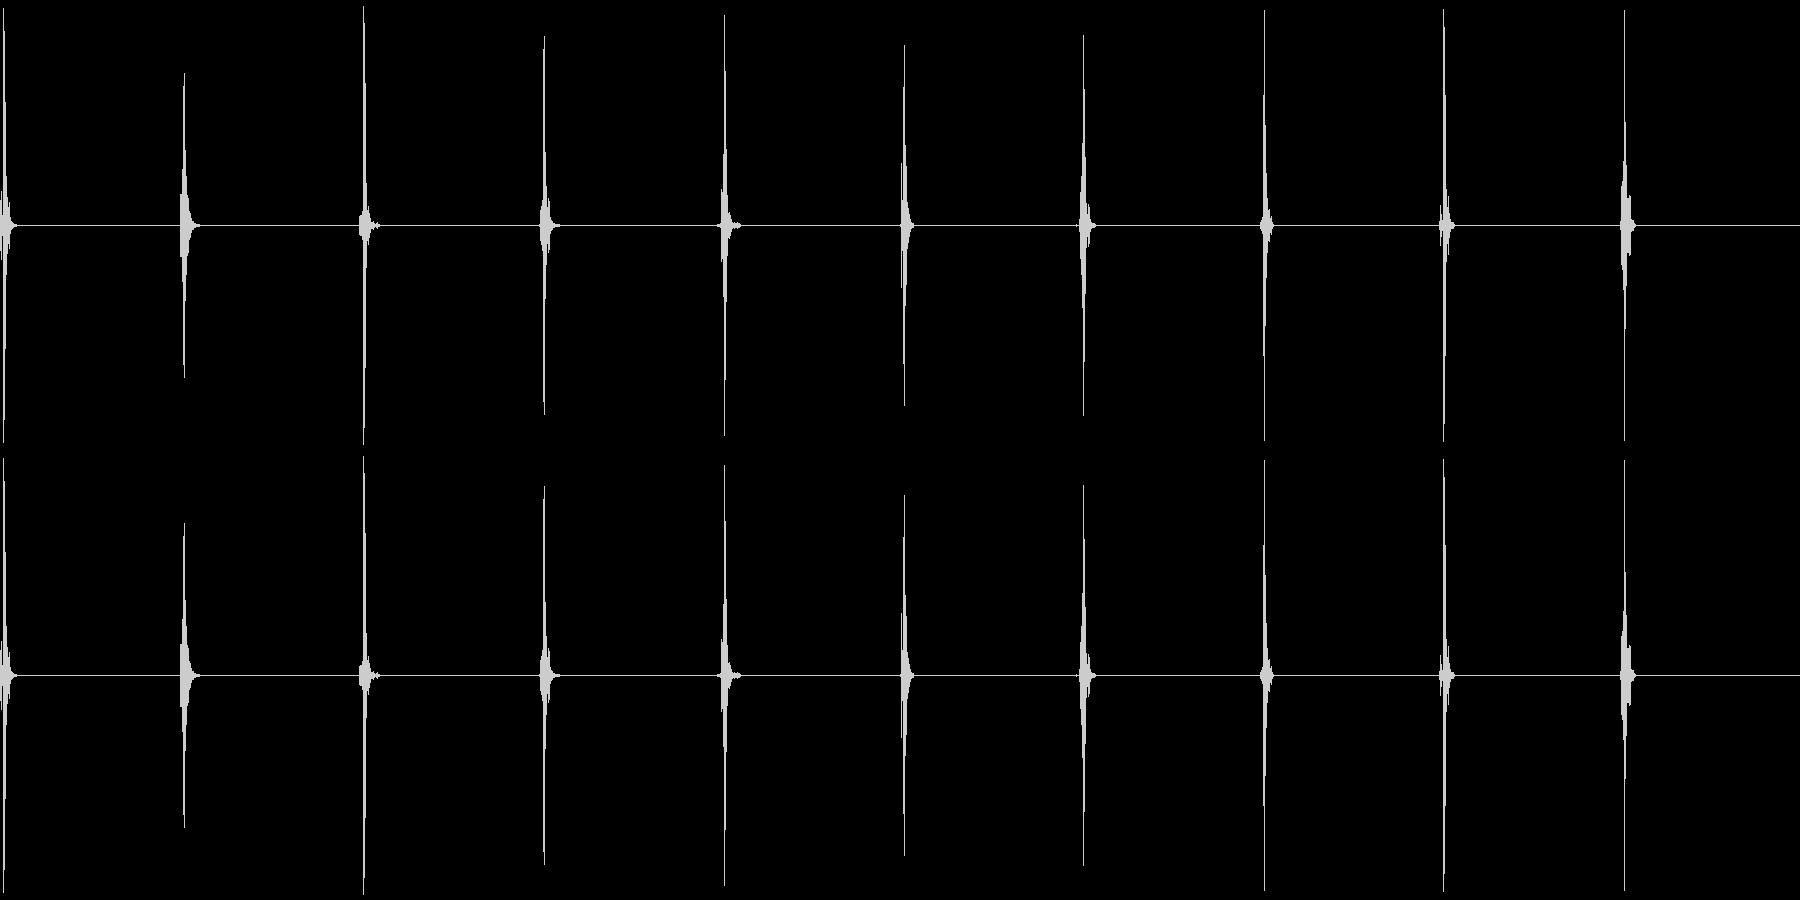 時計1 秒針 10秒 ループ可の未再生の波形